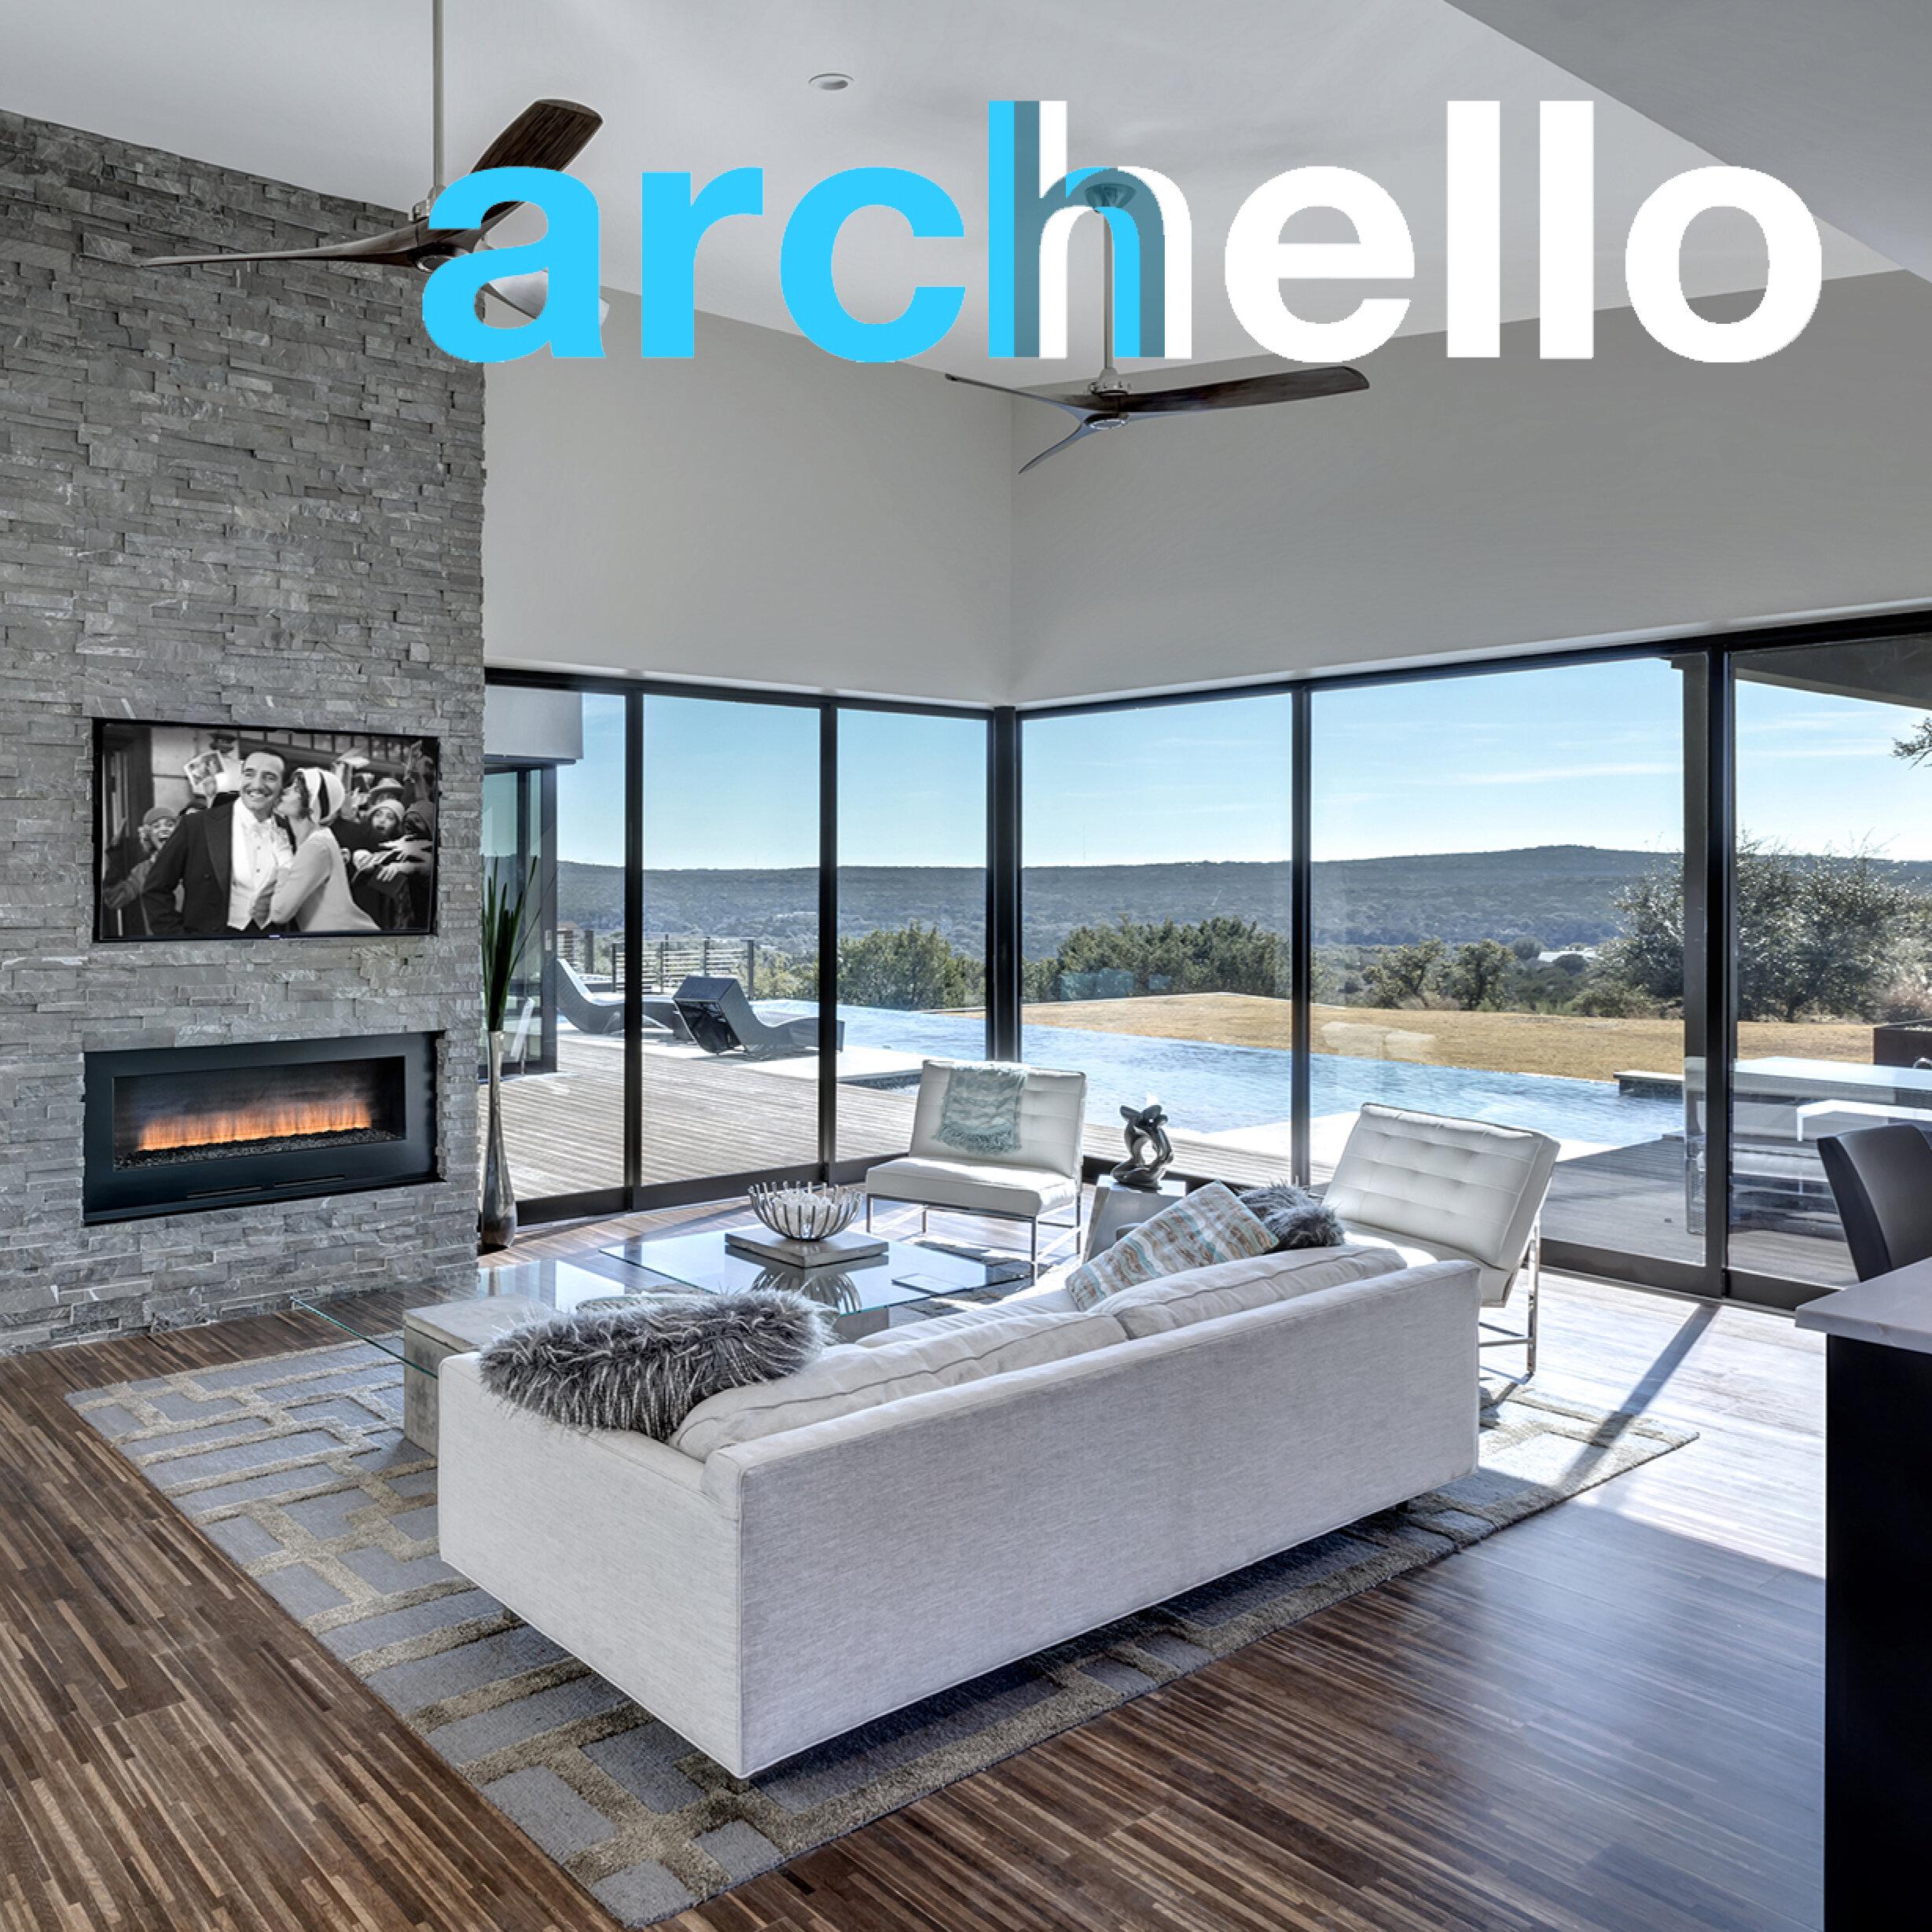 Archello_2019_10_Cross-Grain